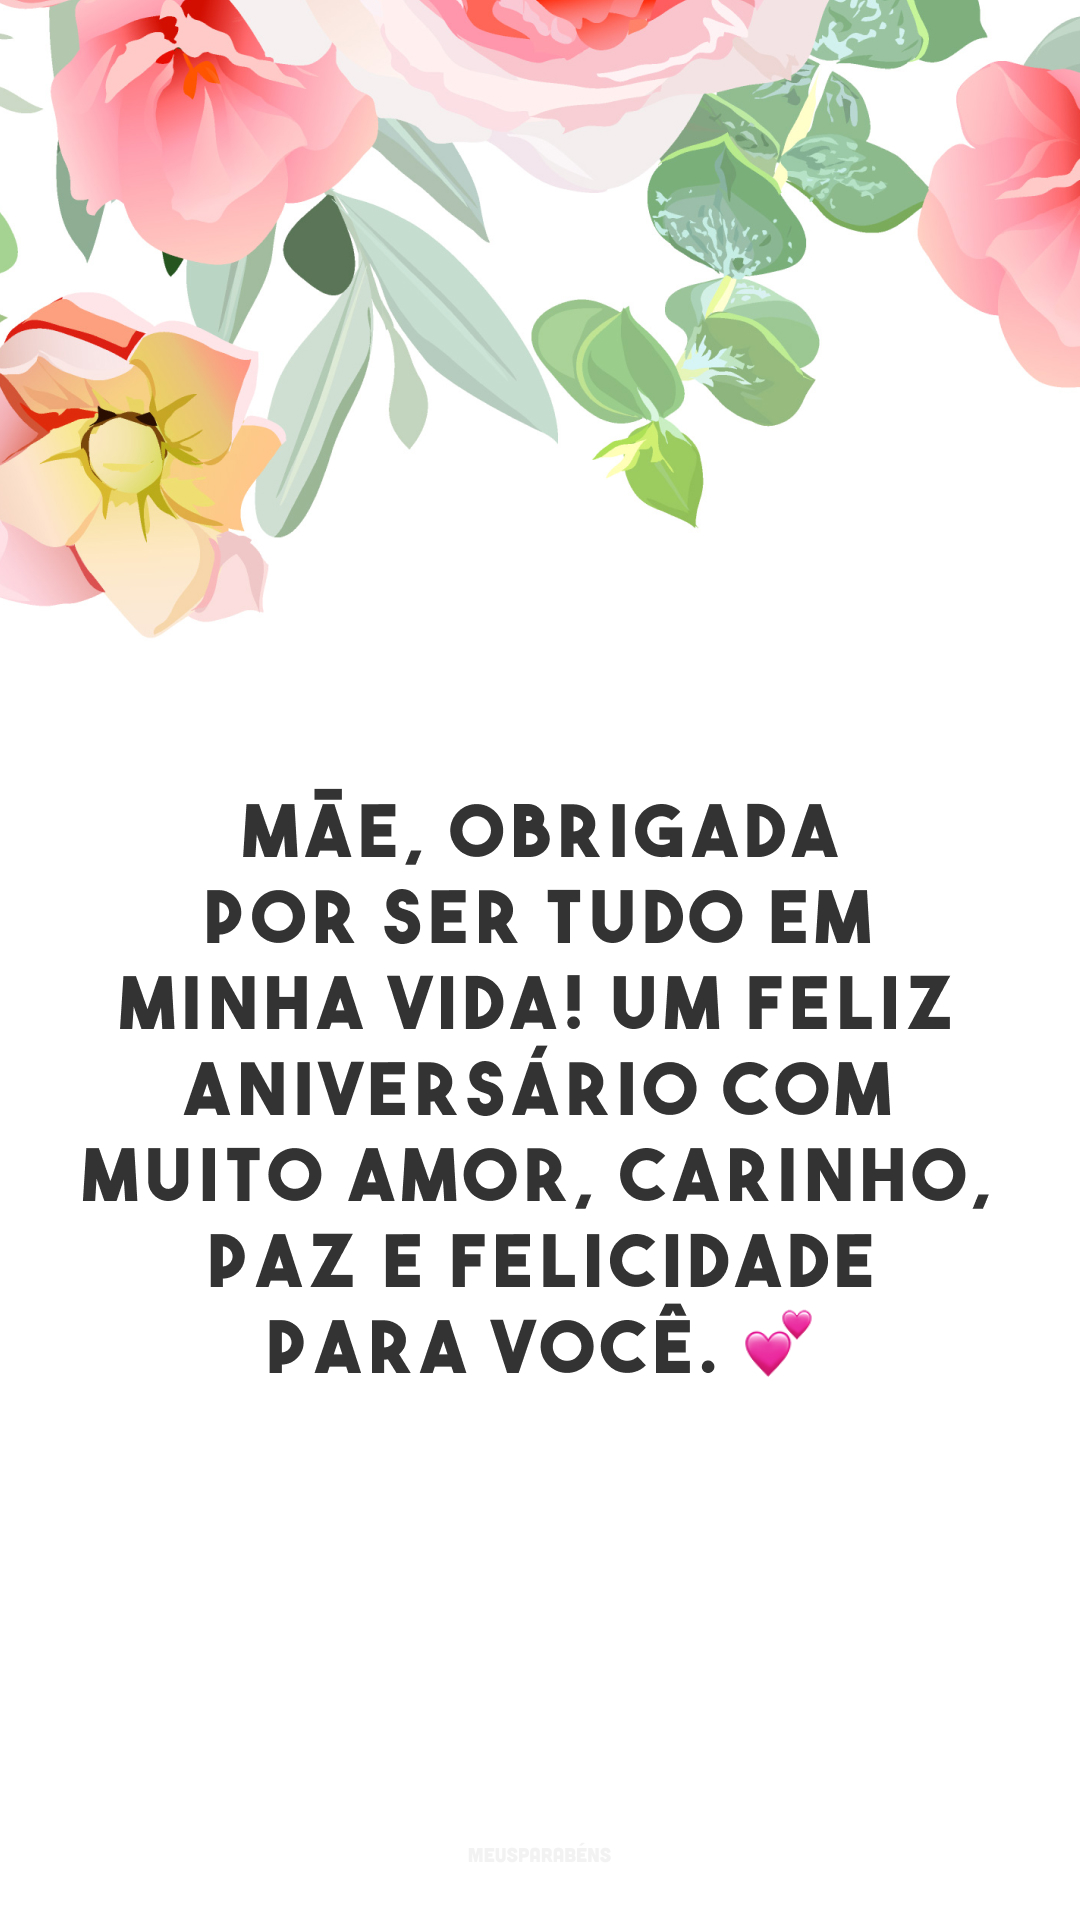 Mãe, obrigada por ser tudo em minha vida! Um feliz aniversário com muito amor, carinho, paz e felicidade para você. 💕